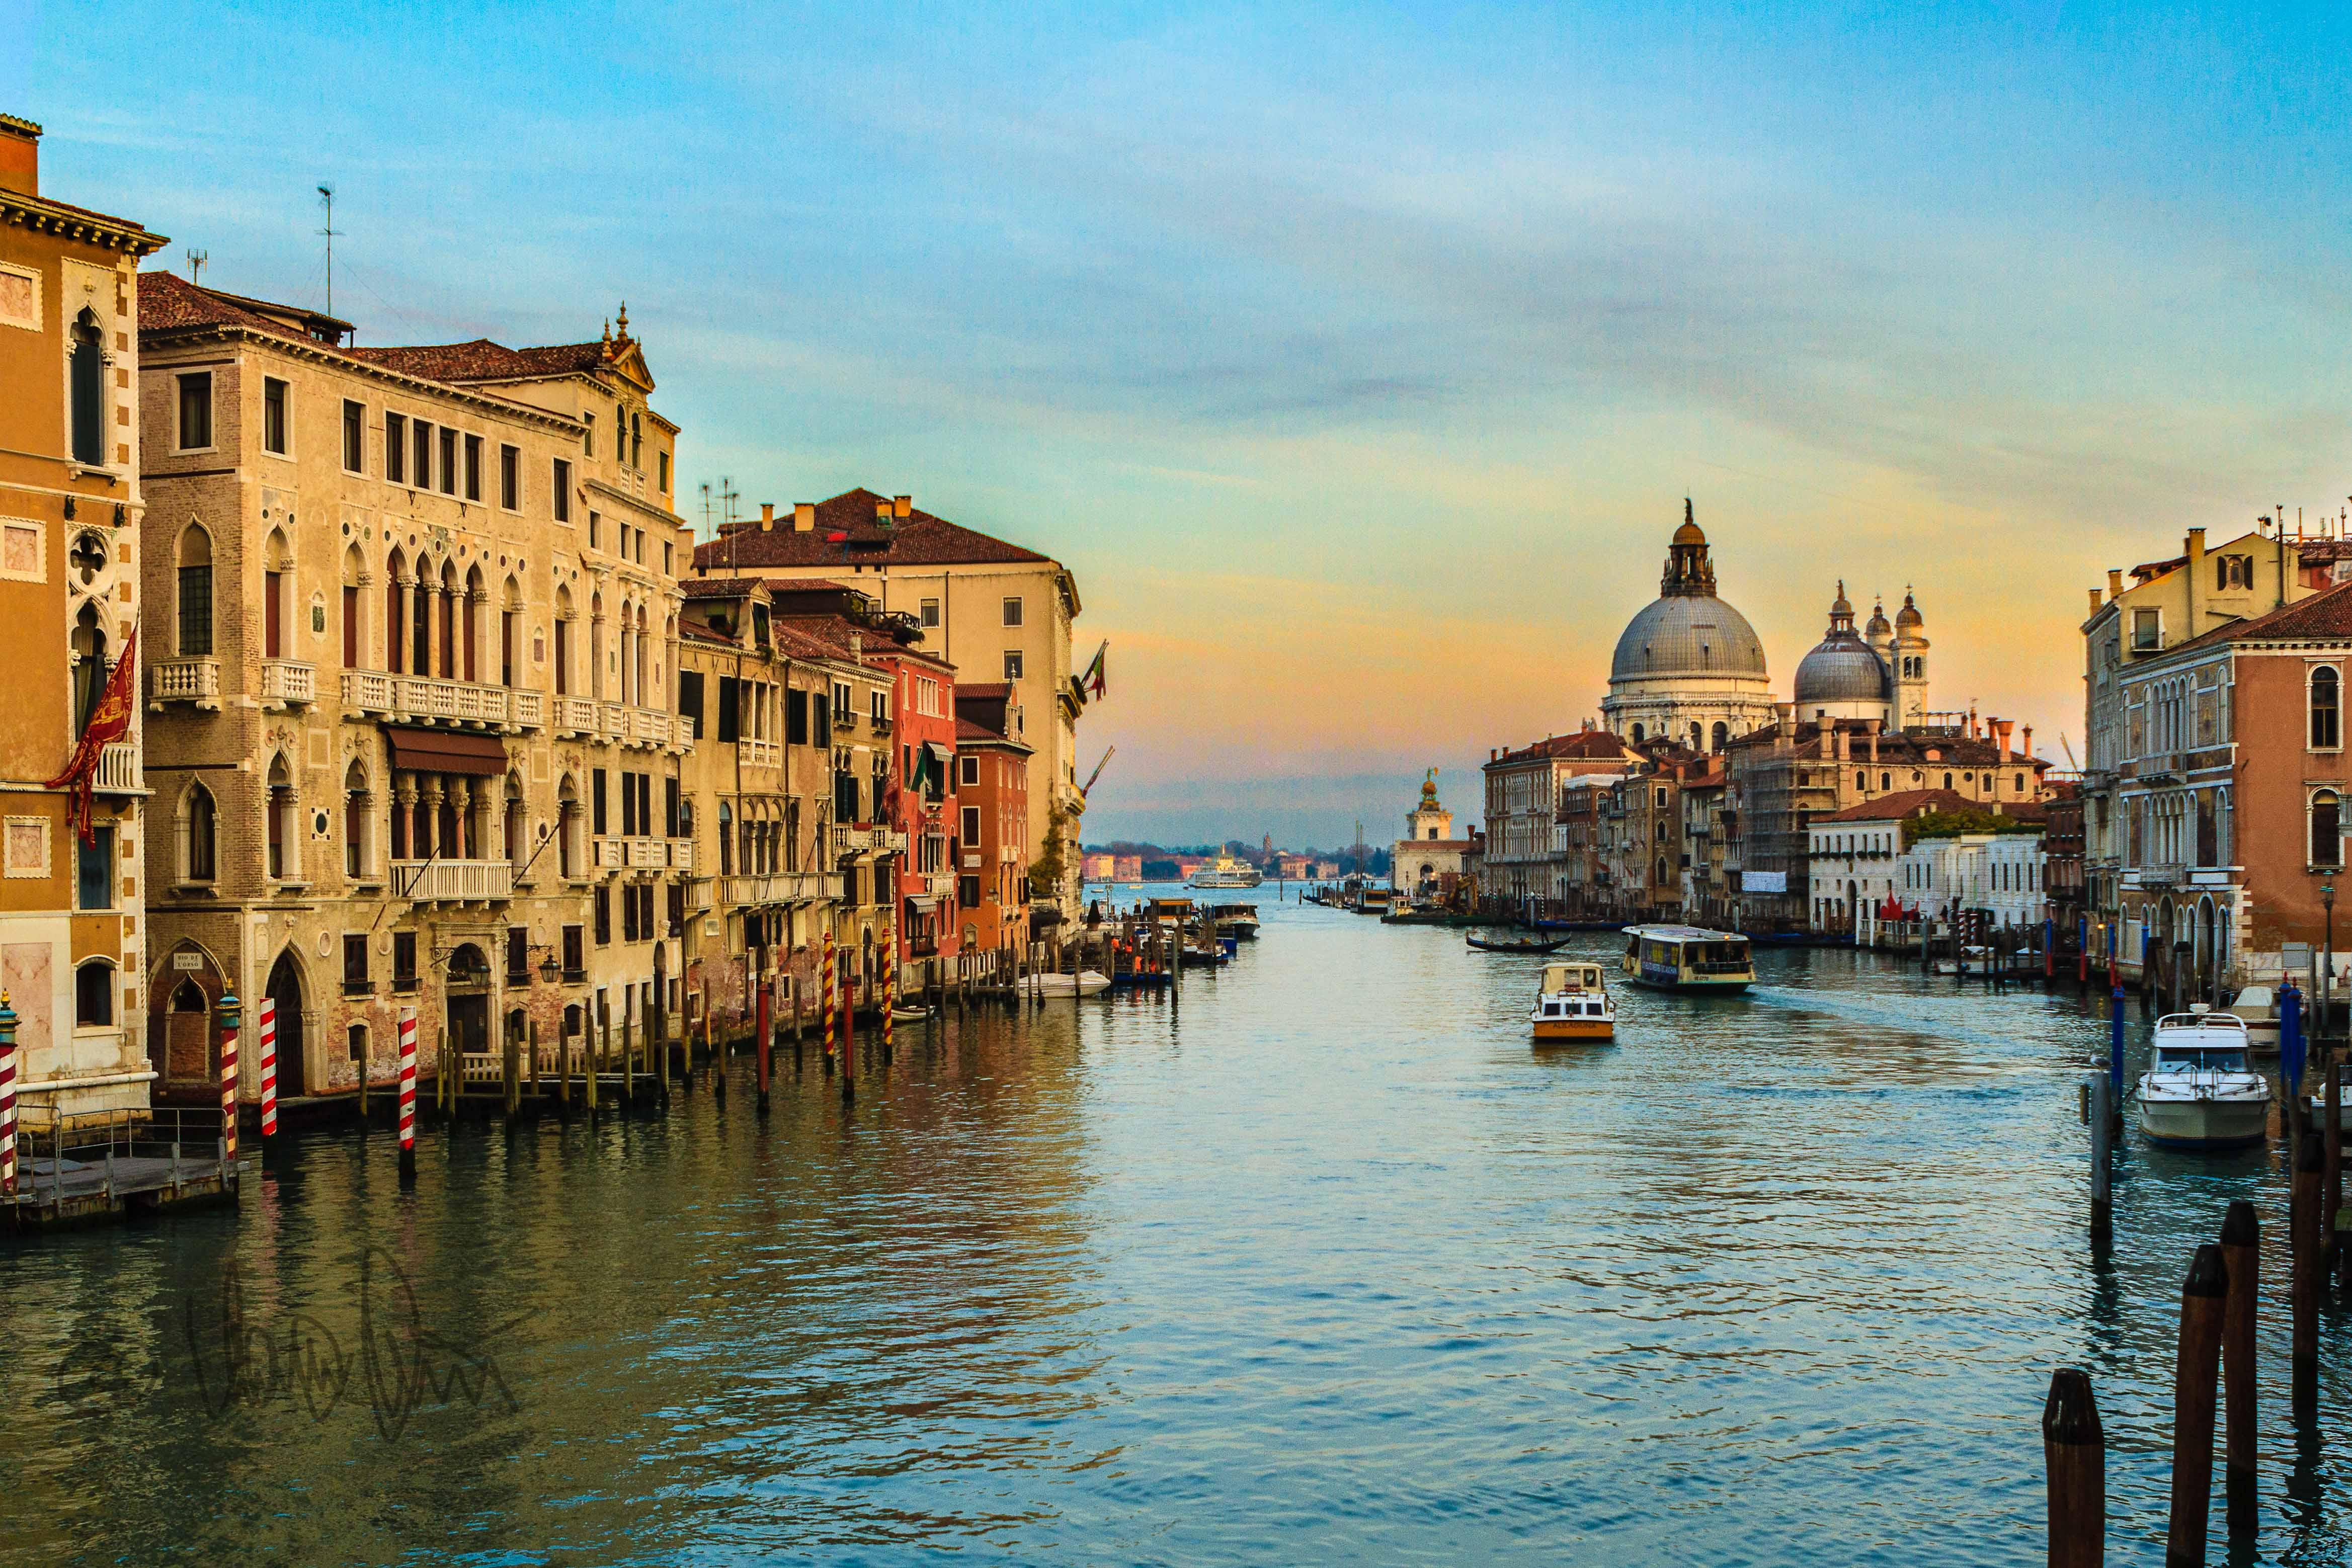 Venezia: marea in calo | METEO GIULIACCI.IT